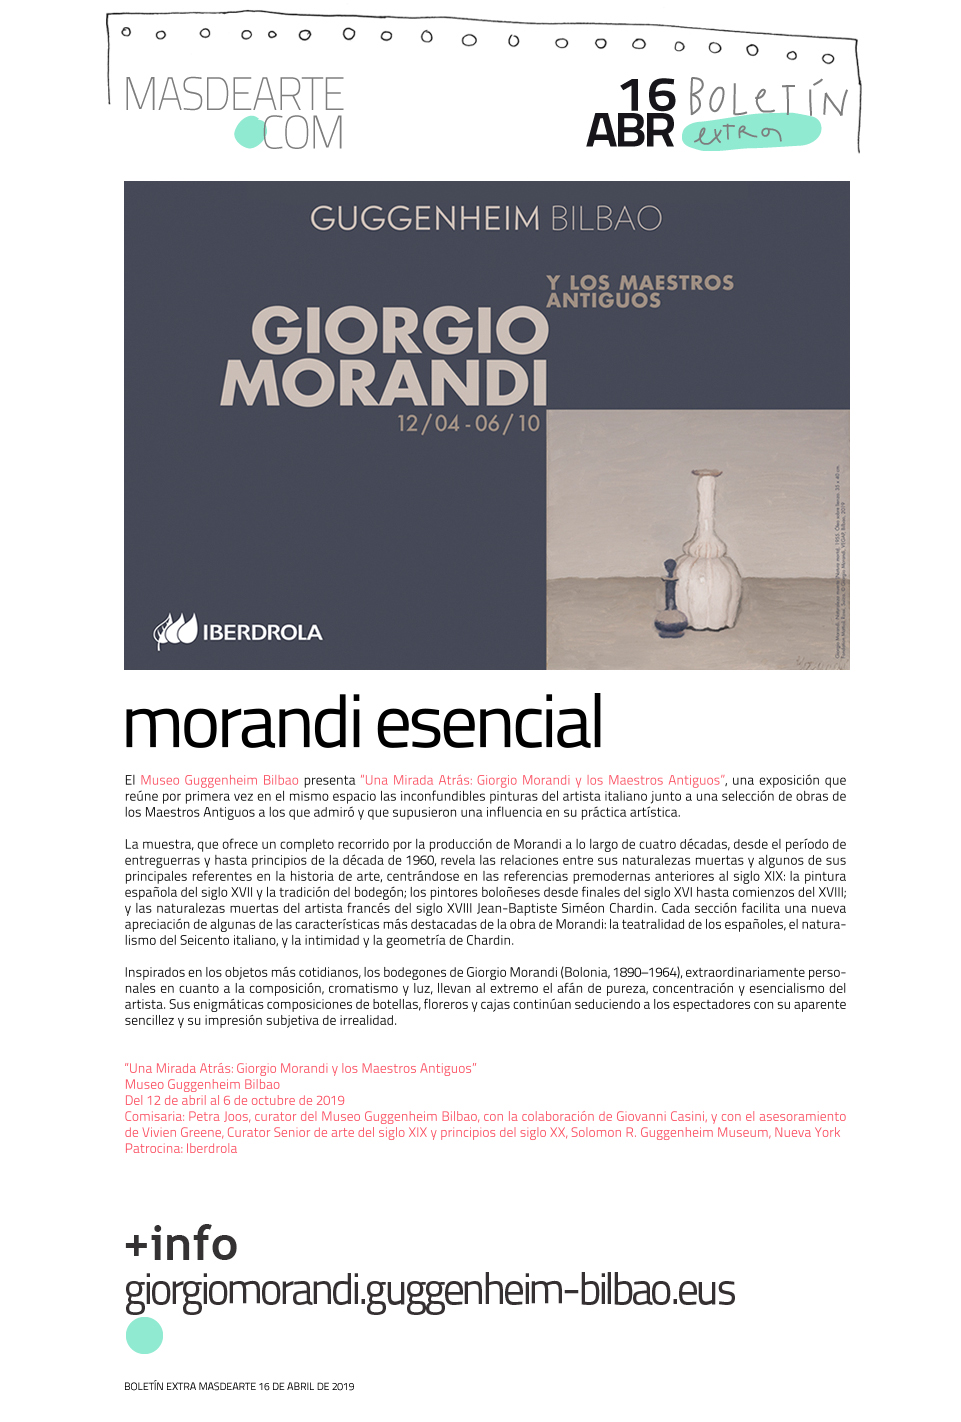 Extra masdearte: Giorgio Morandi y los Maestros Antiguos en el Museo Guggenheim Bilbao